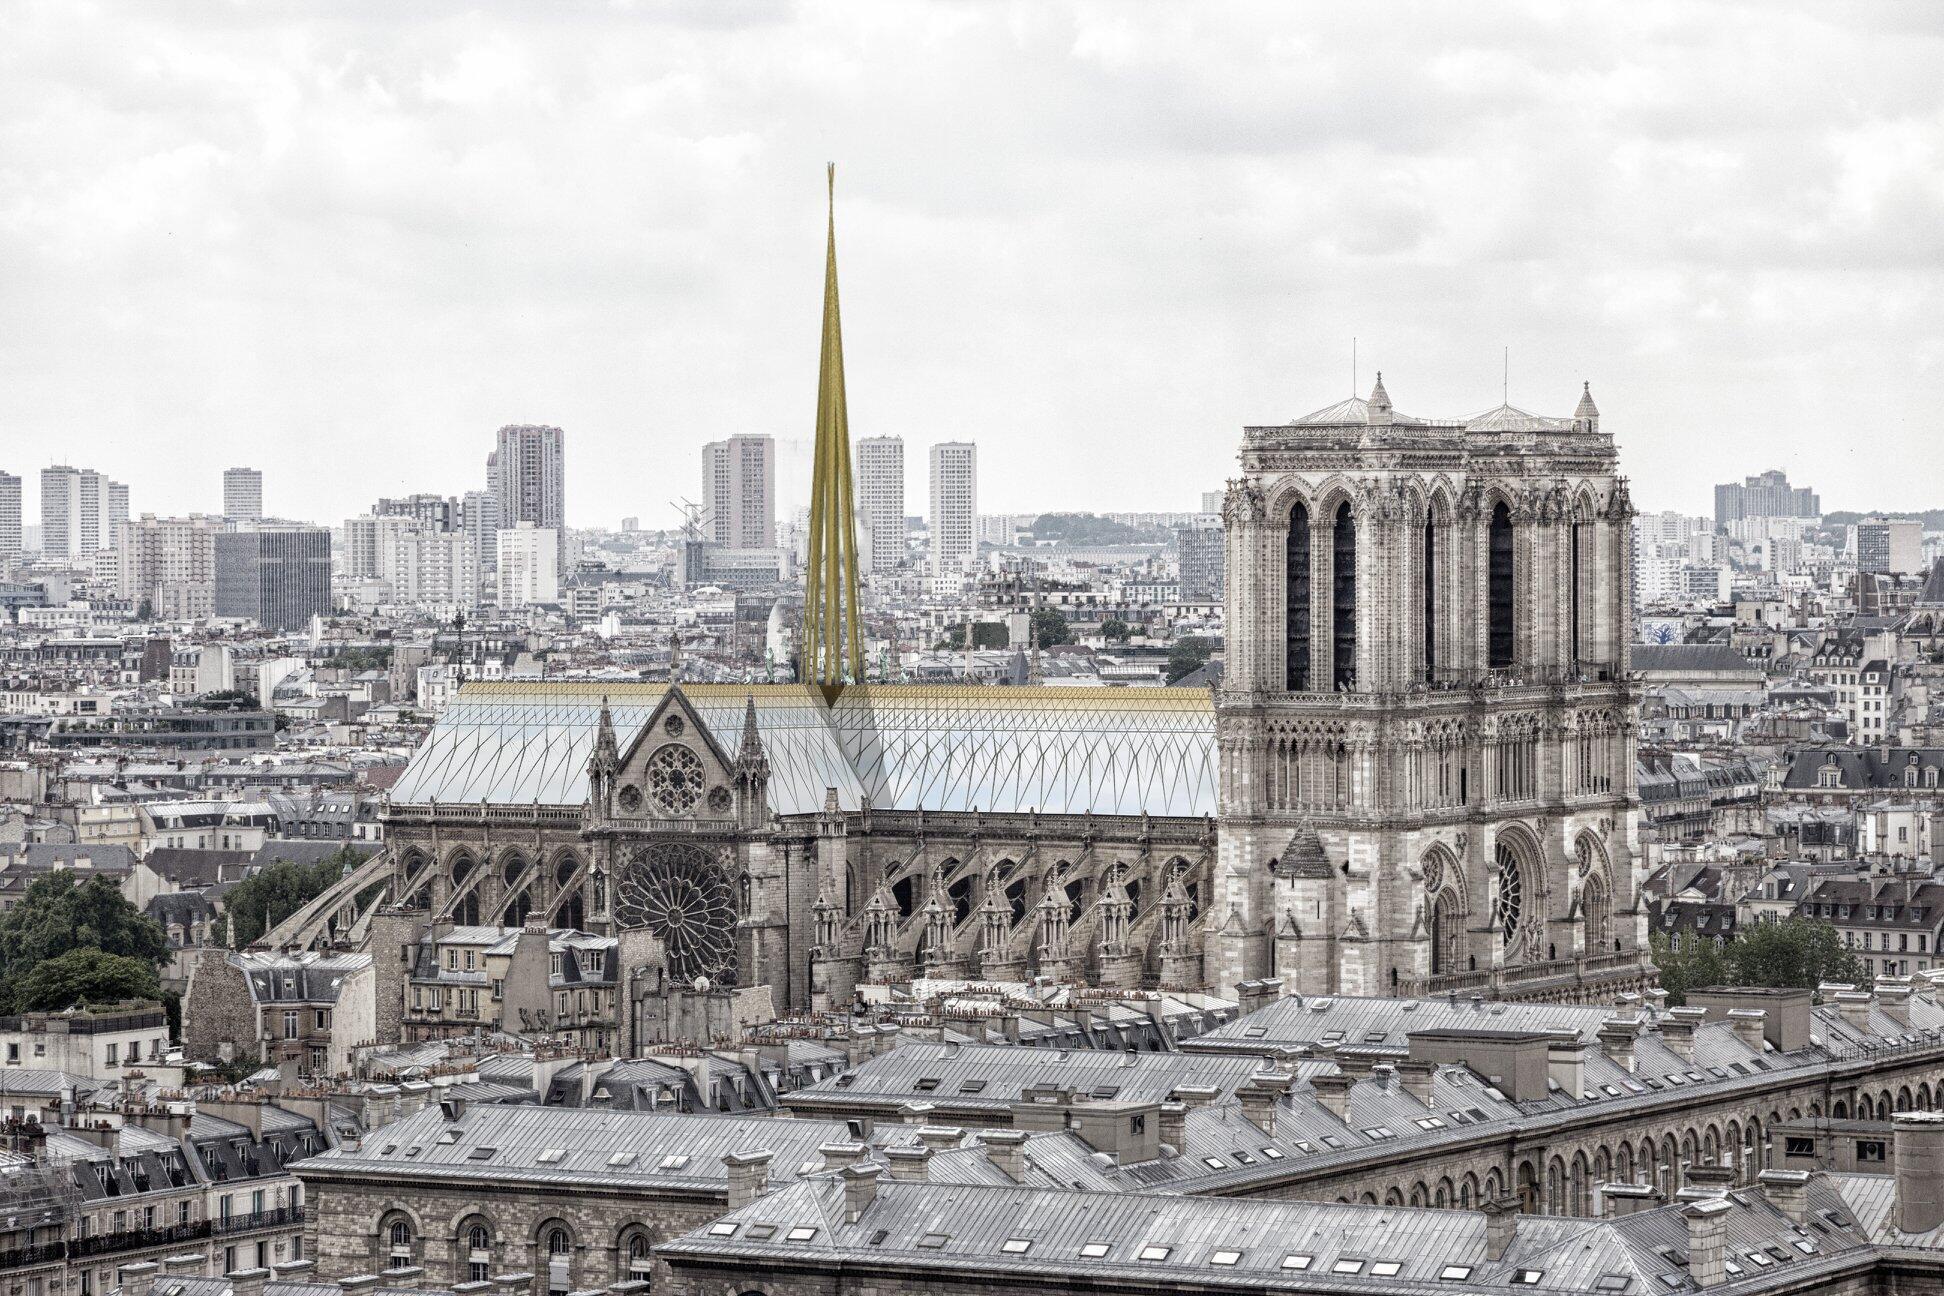 Godat & Roussel propõe um telhado envidraçado, sob o qual os visitantes poderiam passear e admirar a vista de Paris.